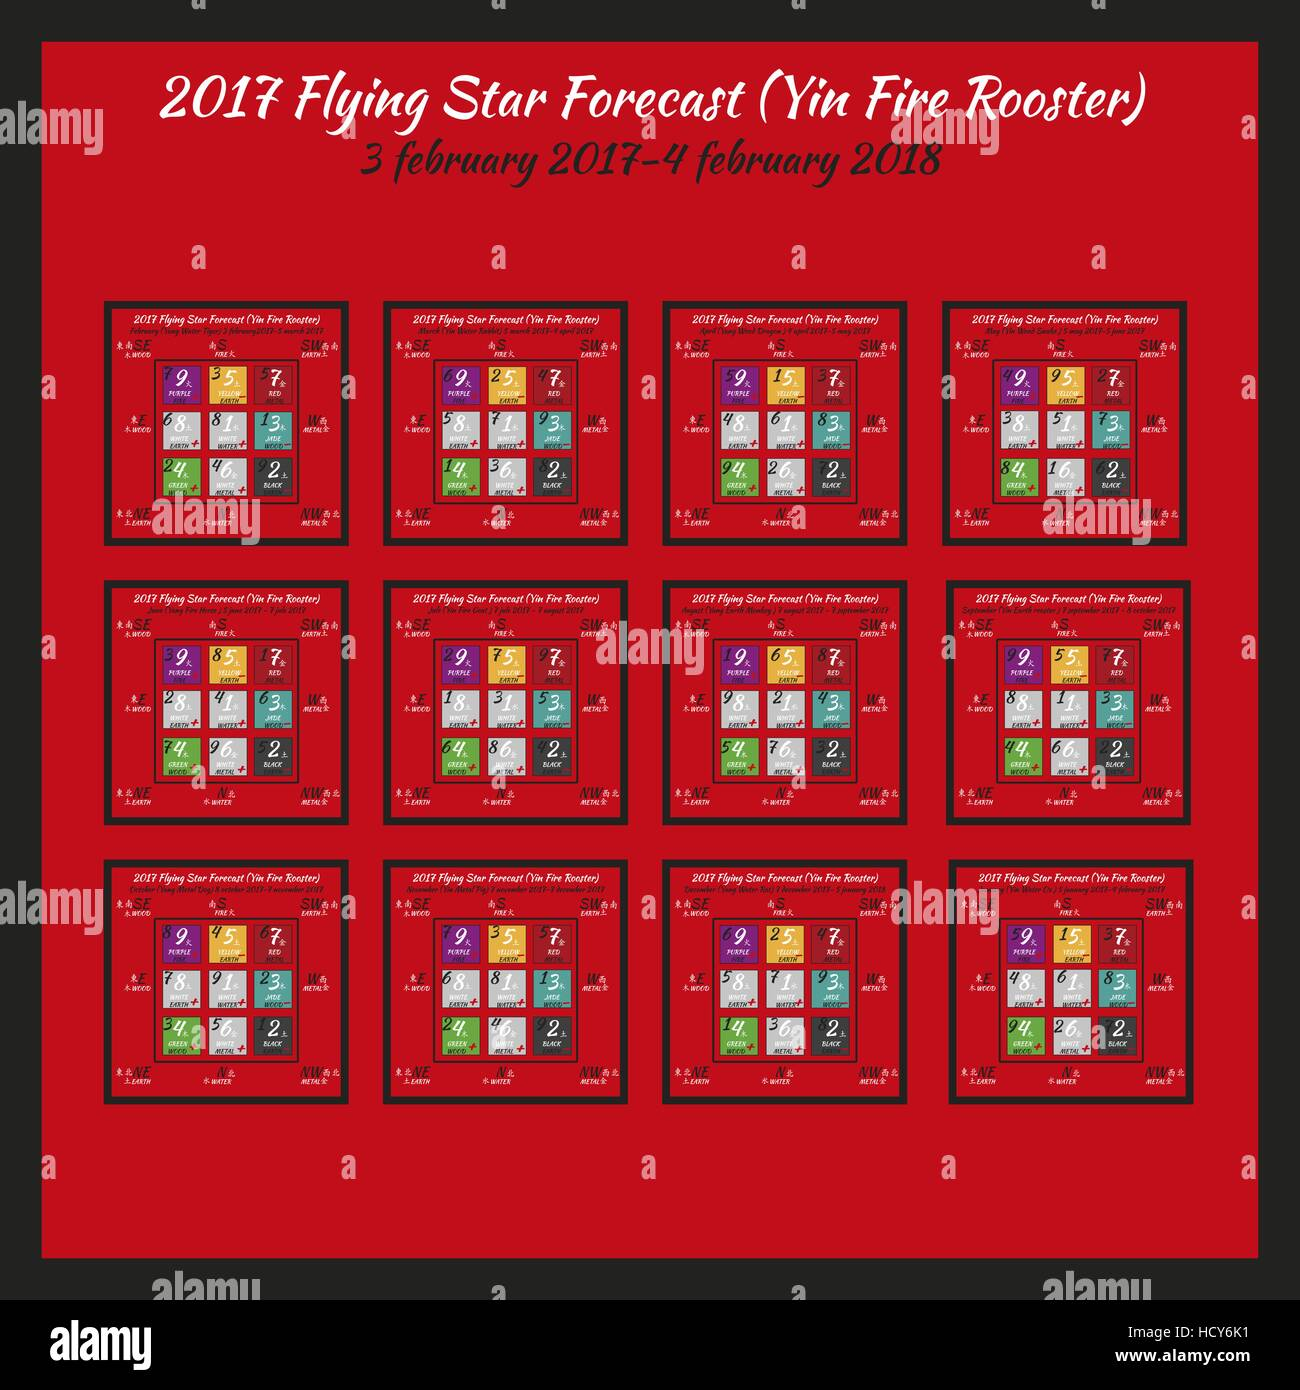 Feng Shui Zahlen fliegende sterne prognose 2017 chinesischen hieroglyphen zahlen